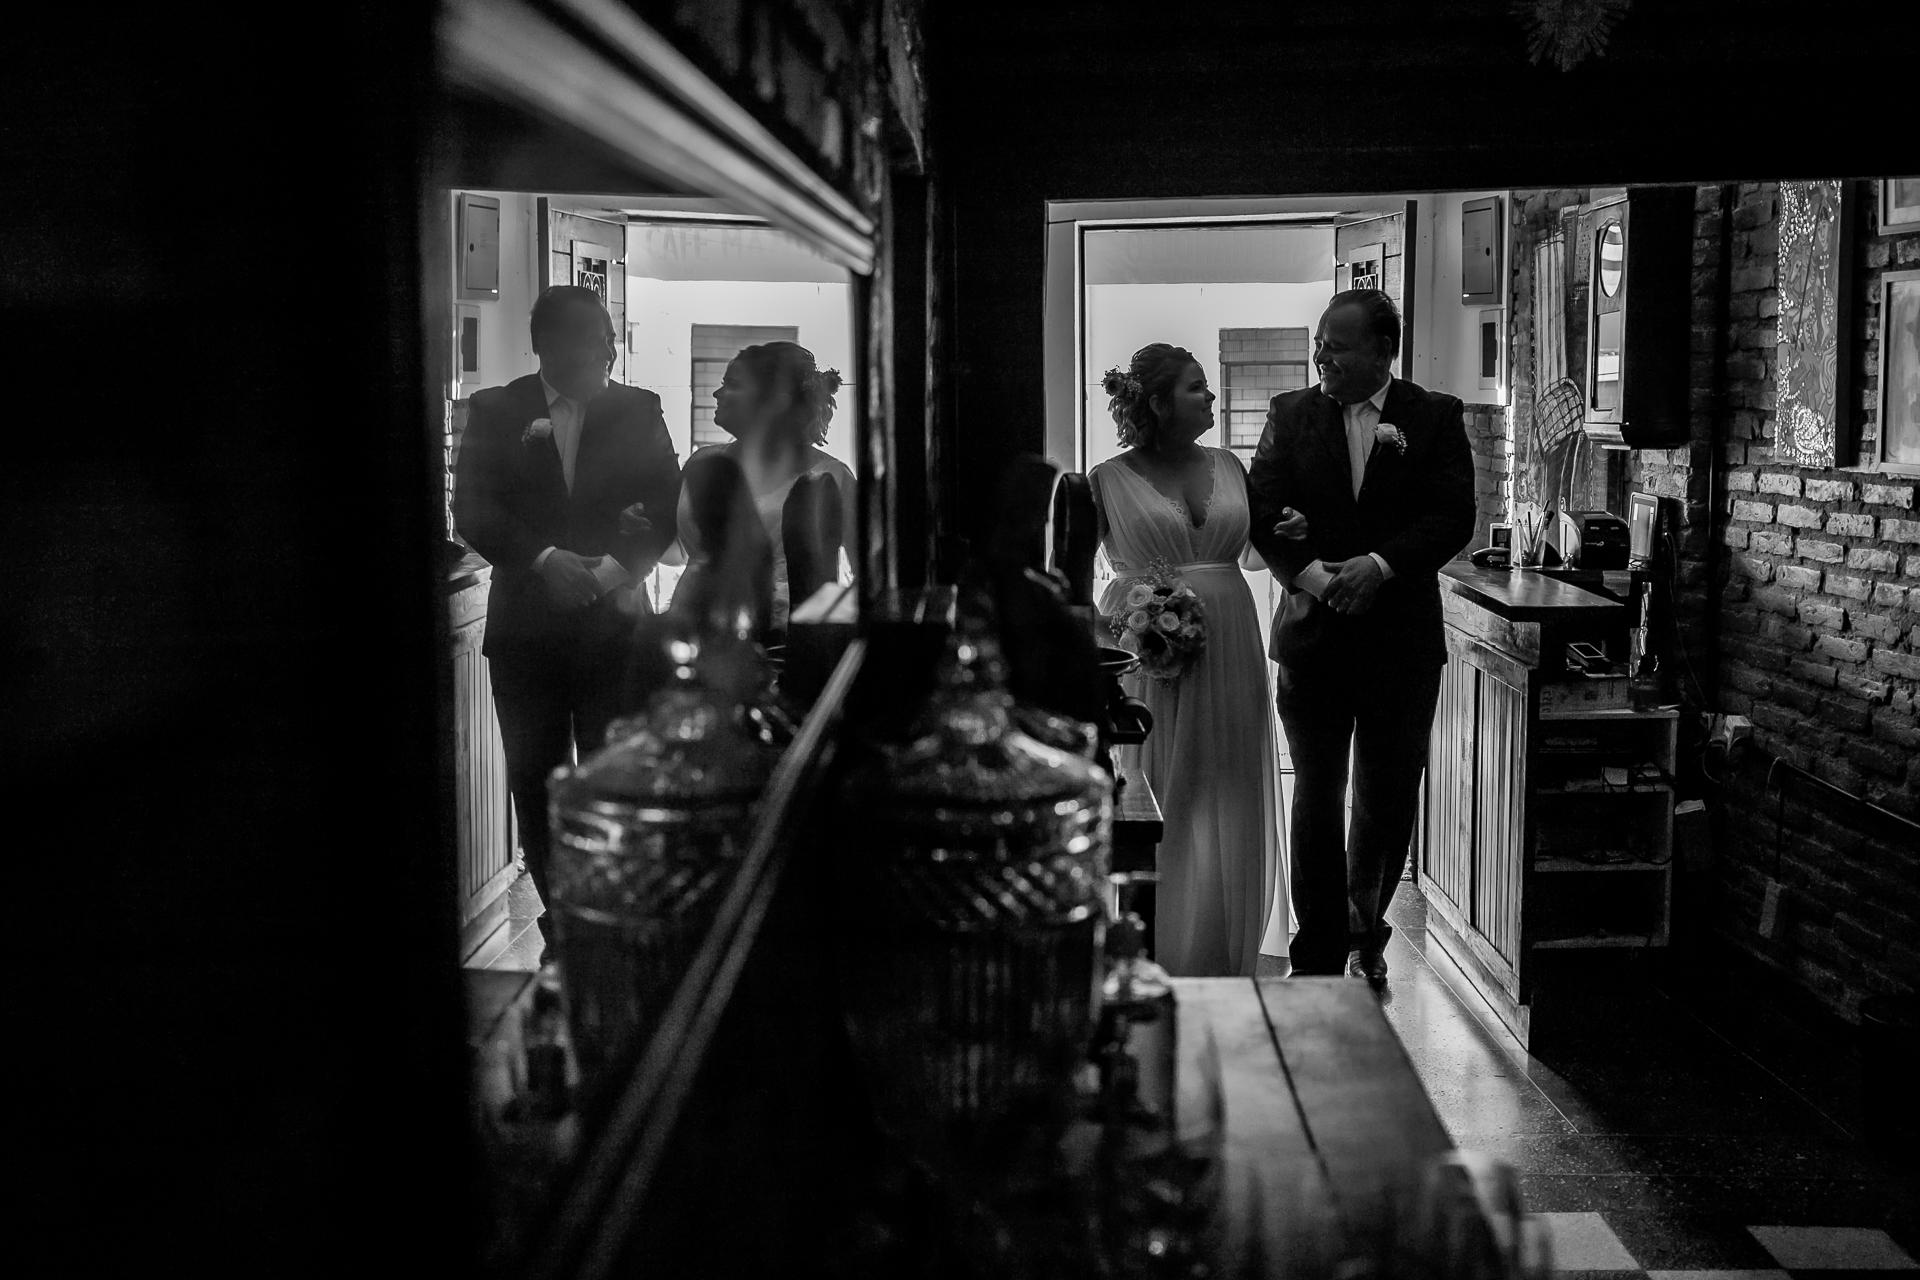 Brésil primé photographie de mariage BW | La mariée partage un regard entendu avec son père